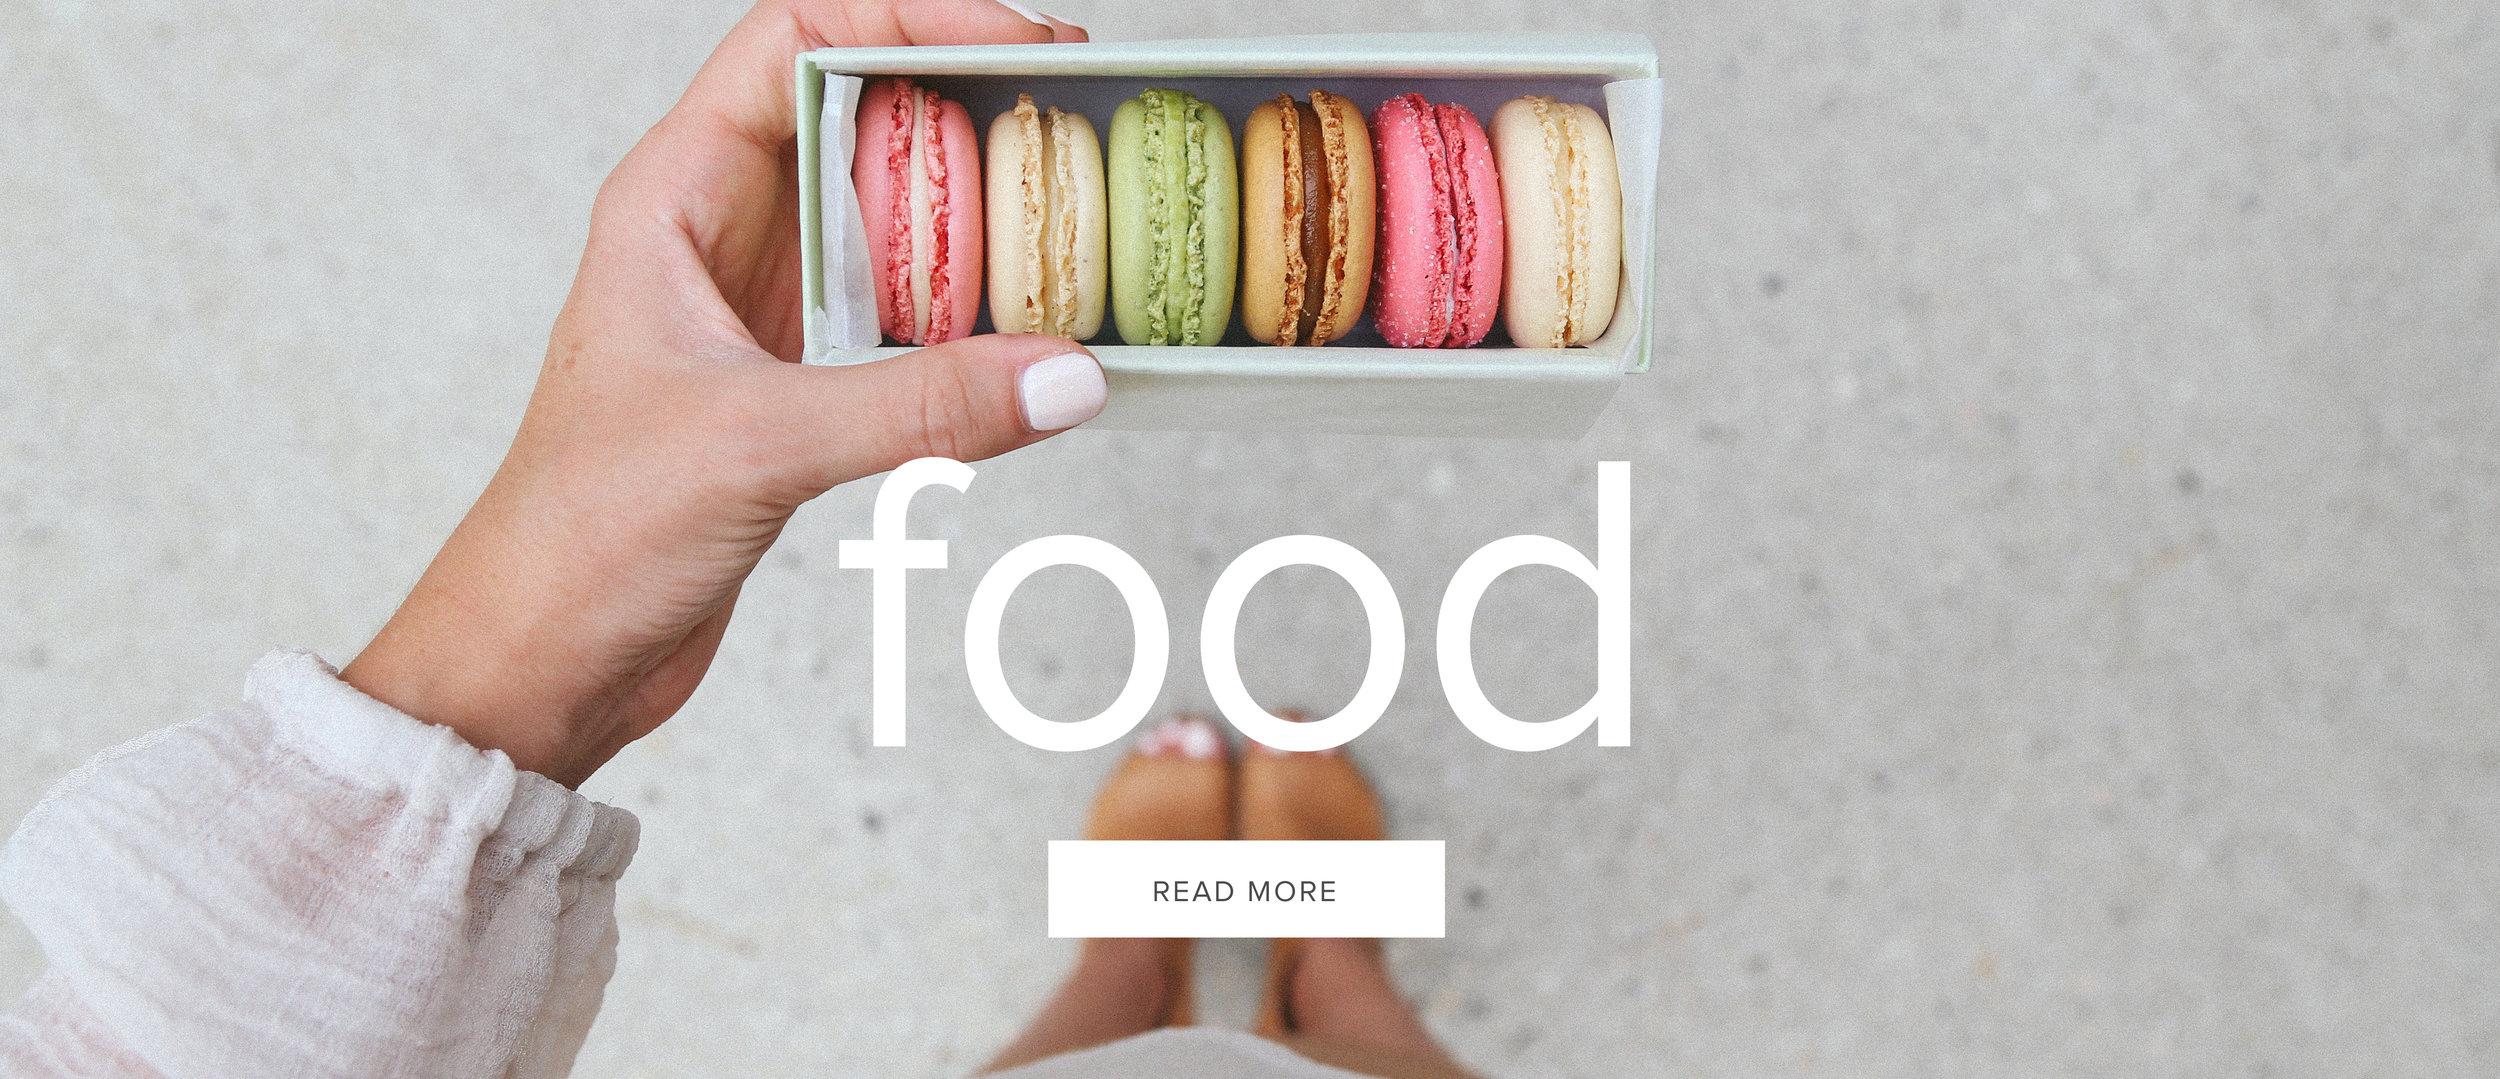 laurennicolefoot-blog-arizona-featurepanel-food-2.jpg